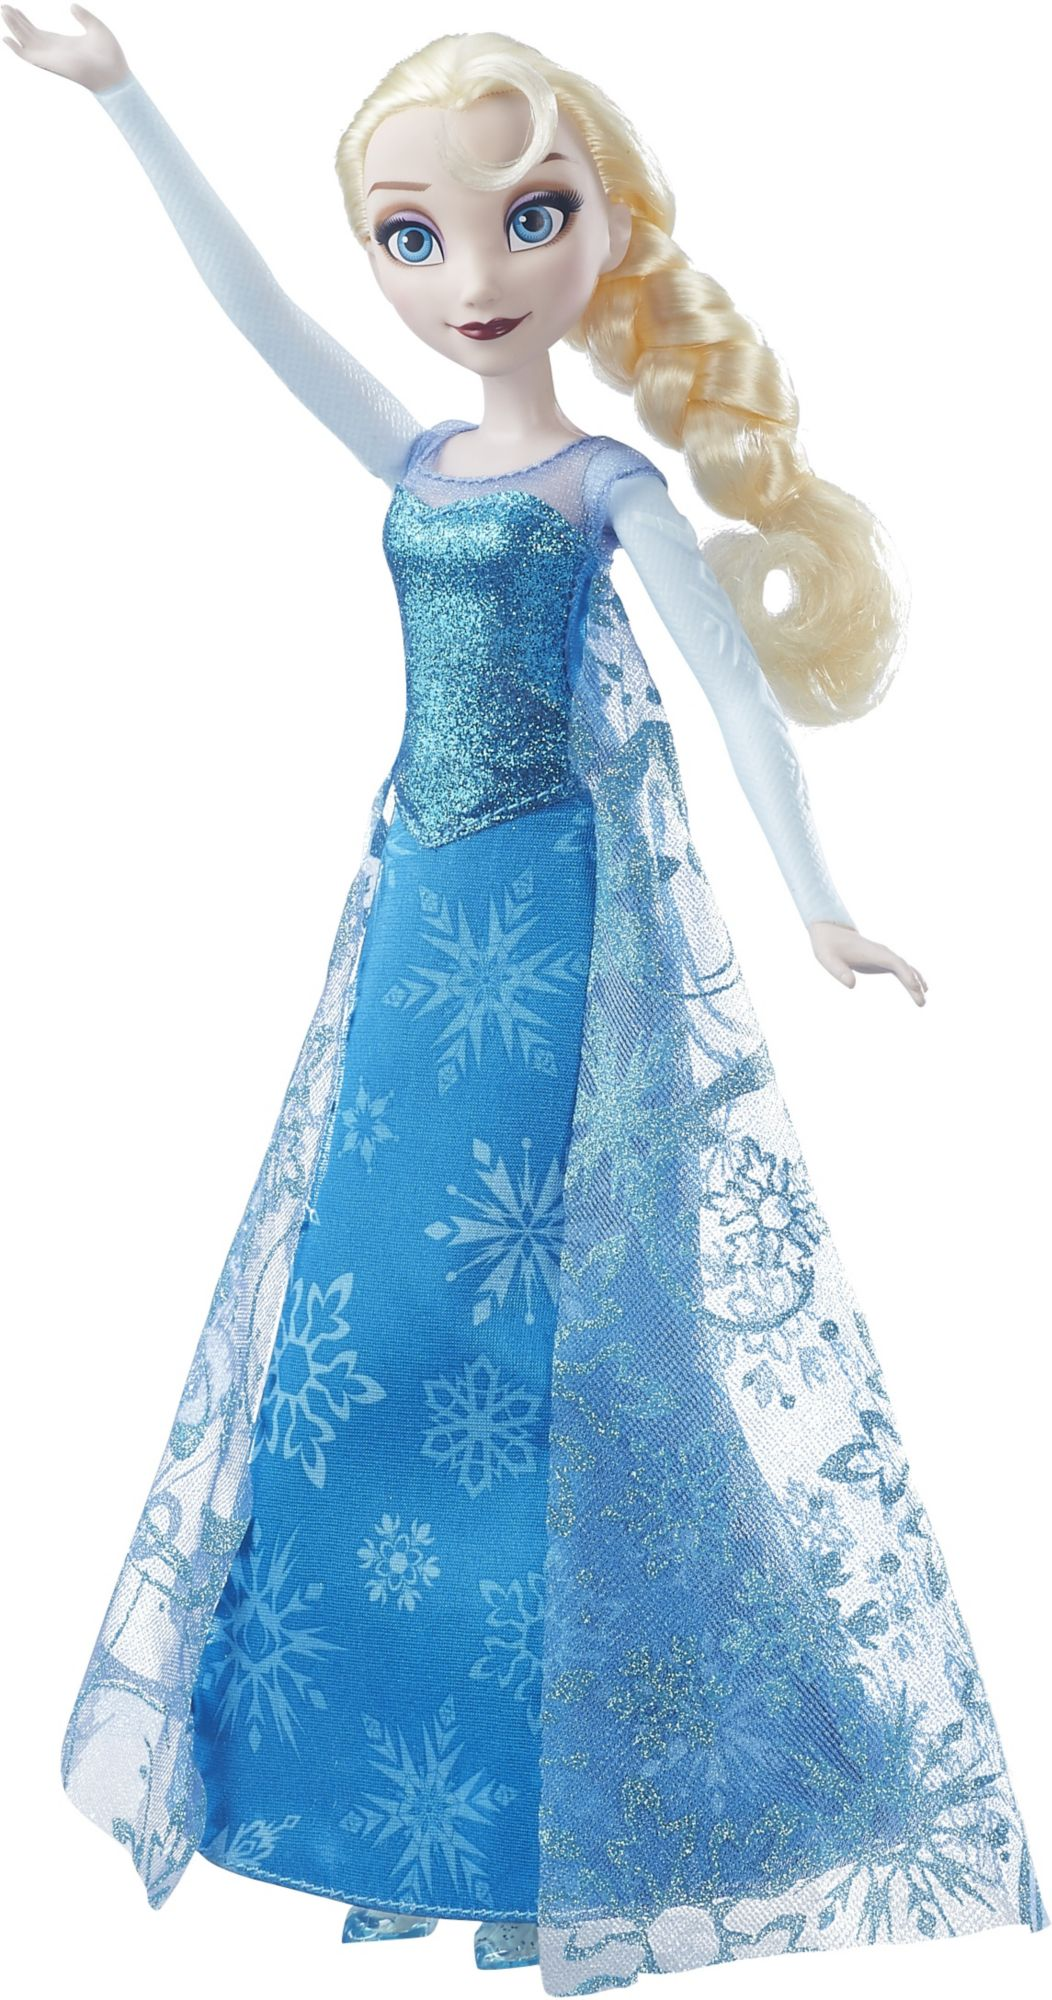 HASBRO Disney - Die Eiskönigin - singende Lichterglanz Elsa, Puppe